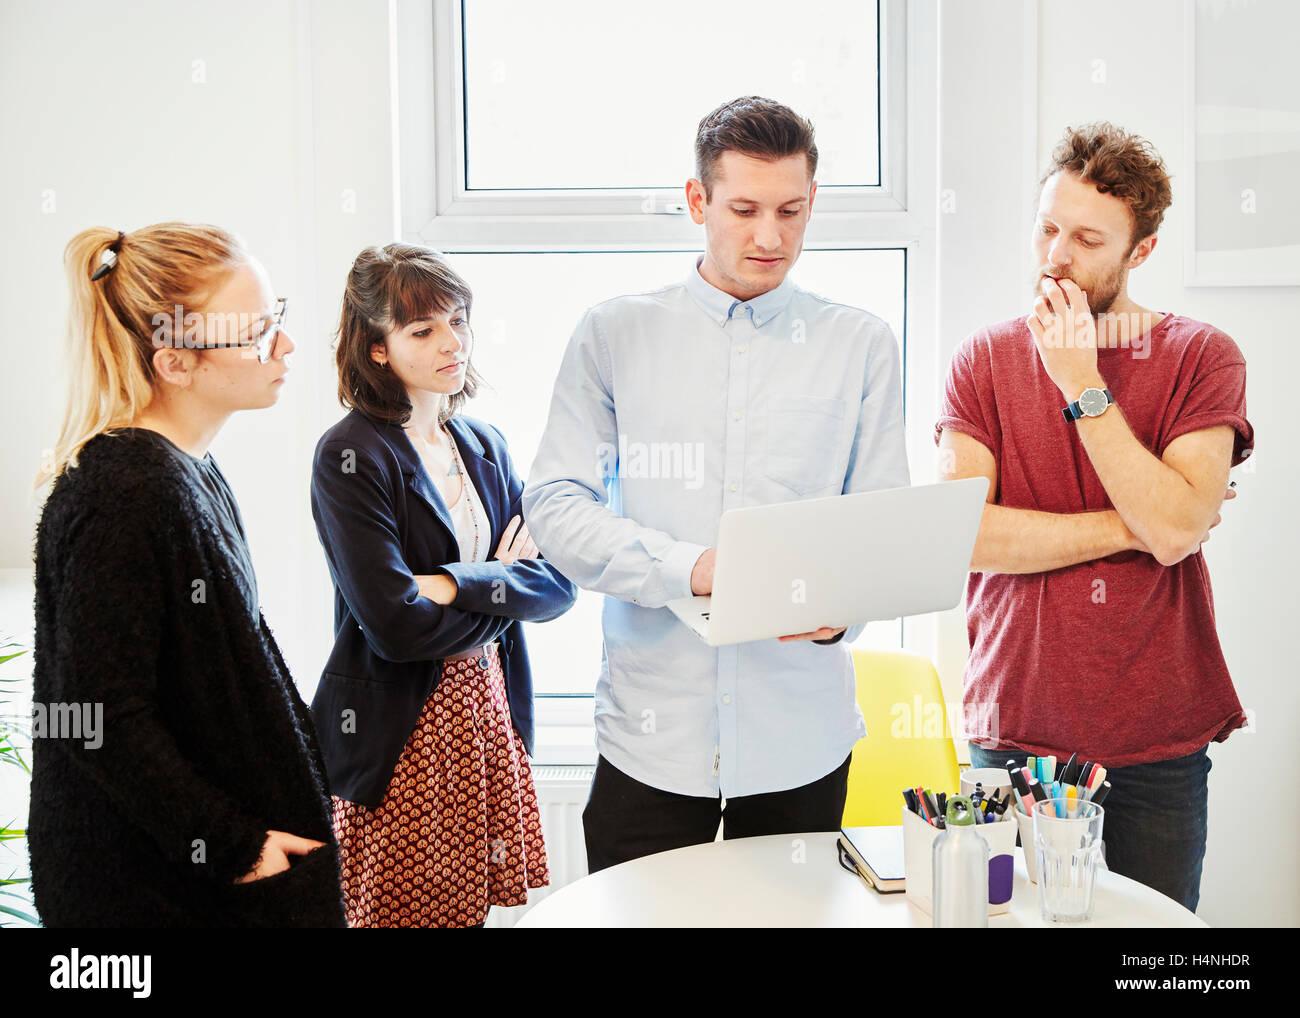 https www alamyimages fr photo image quatre personnes autour d une table a une reunion d affaires a la recherche d un ecran d ordinateur portable 123405907 html